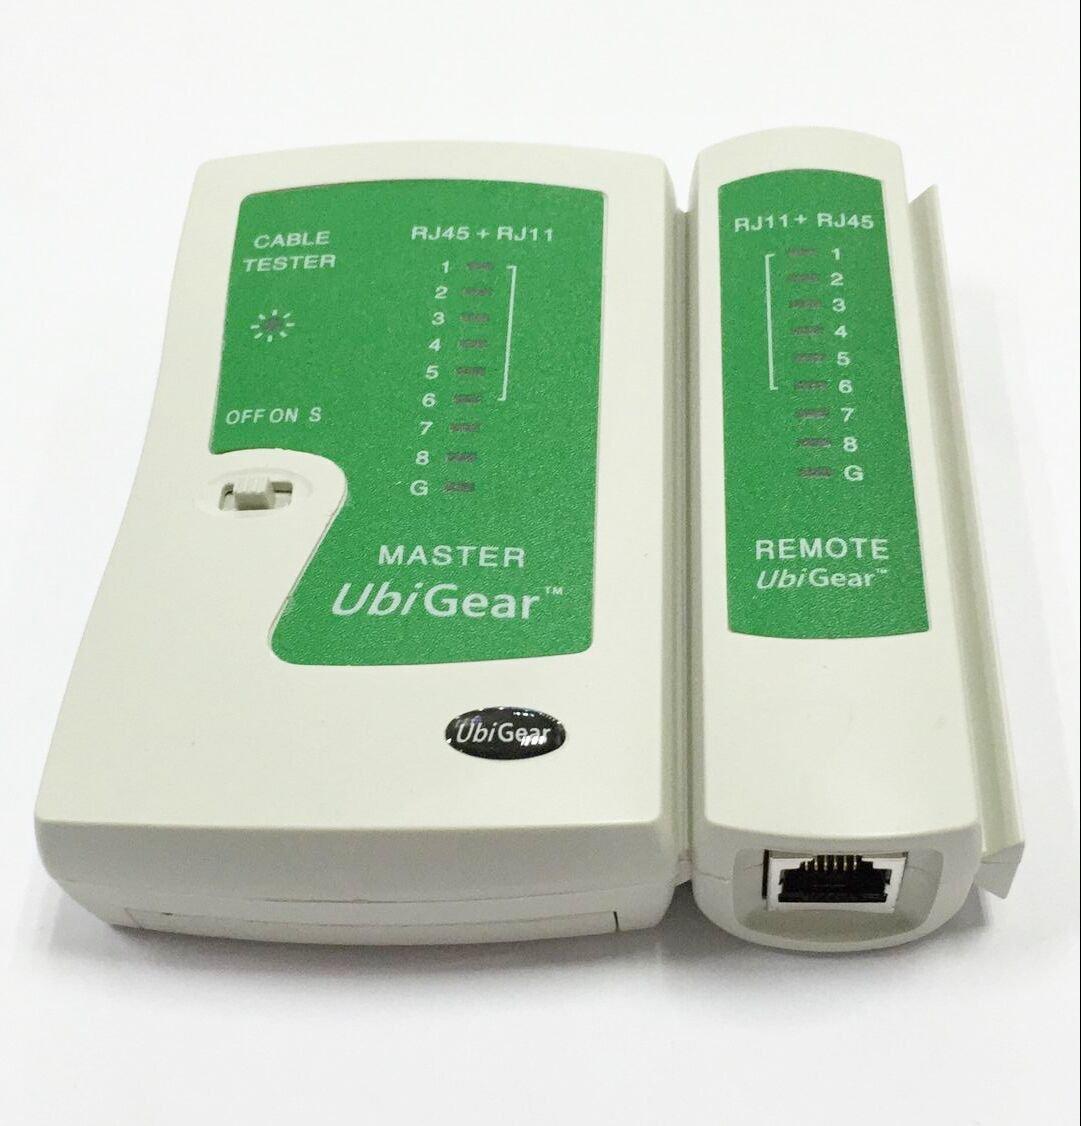 UbiGear Cable Tester +Crimp Crimper +100 RJ45 CAT5 CAT5e Connector Plug Network Tool Kits (Crimper315) by UbiGear